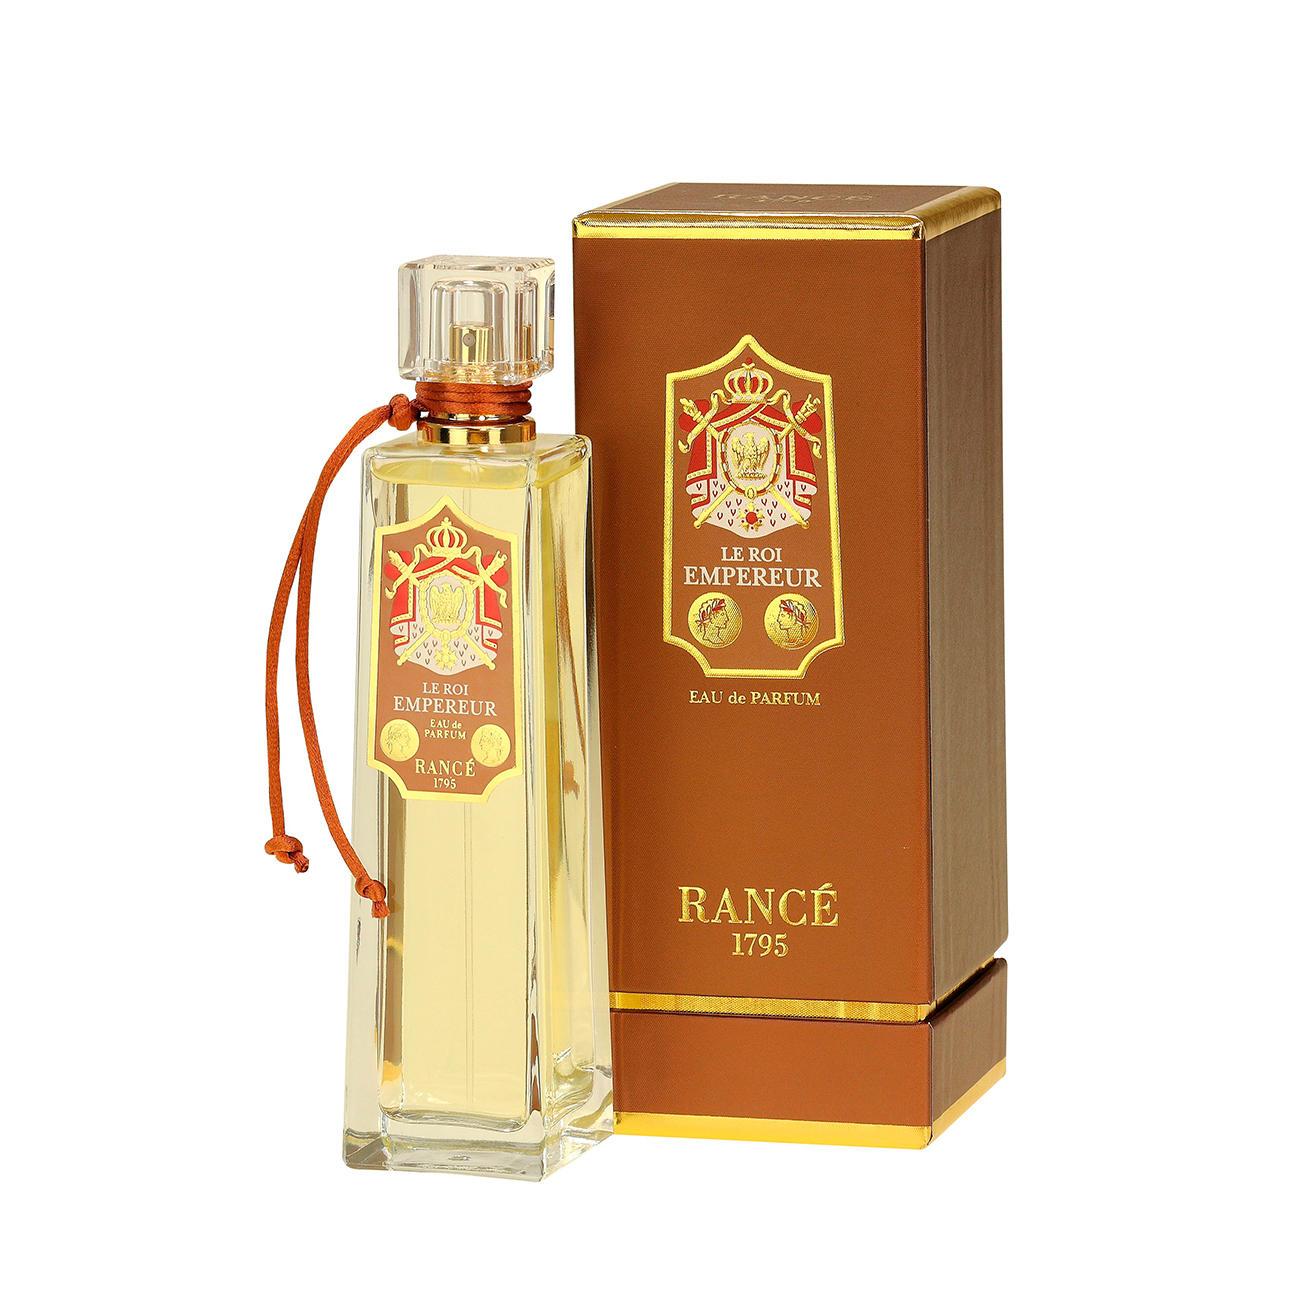 ranc eau de parfum le roi empereur entdecken. Black Bedroom Furniture Sets. Home Design Ideas